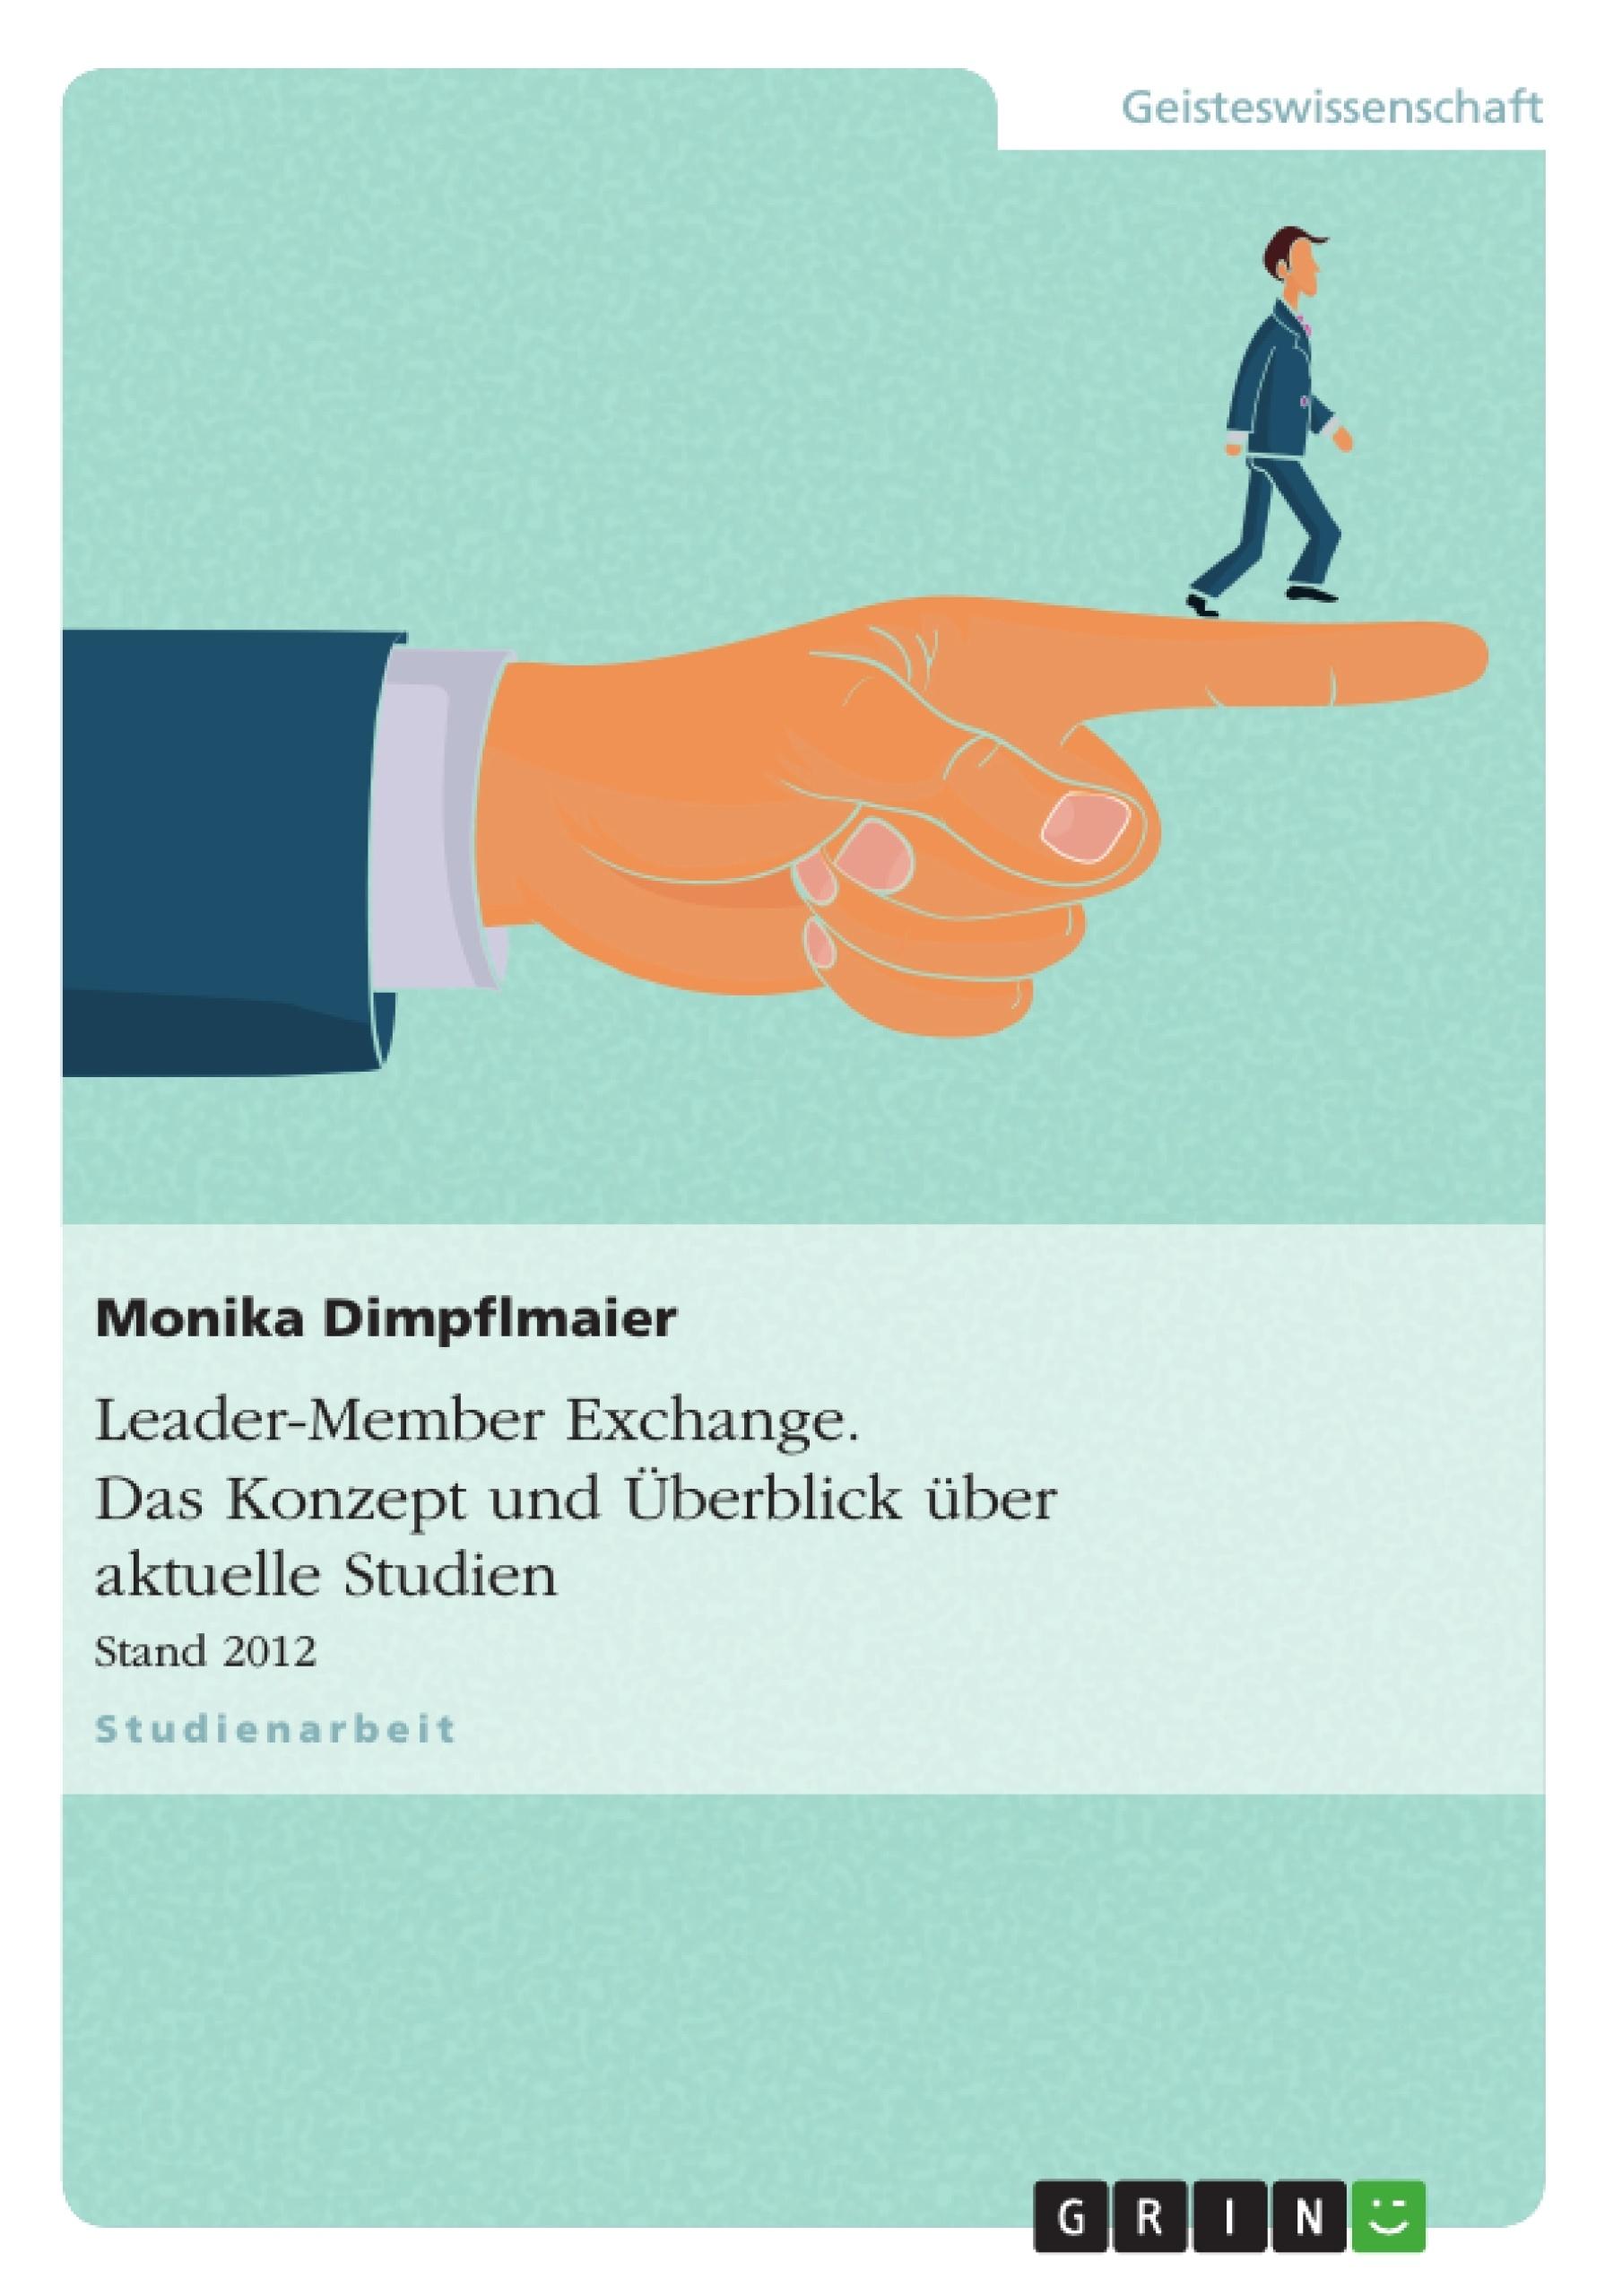 Titel: Leader-Member Exchange. Konzept und Überblick aktueller Studien